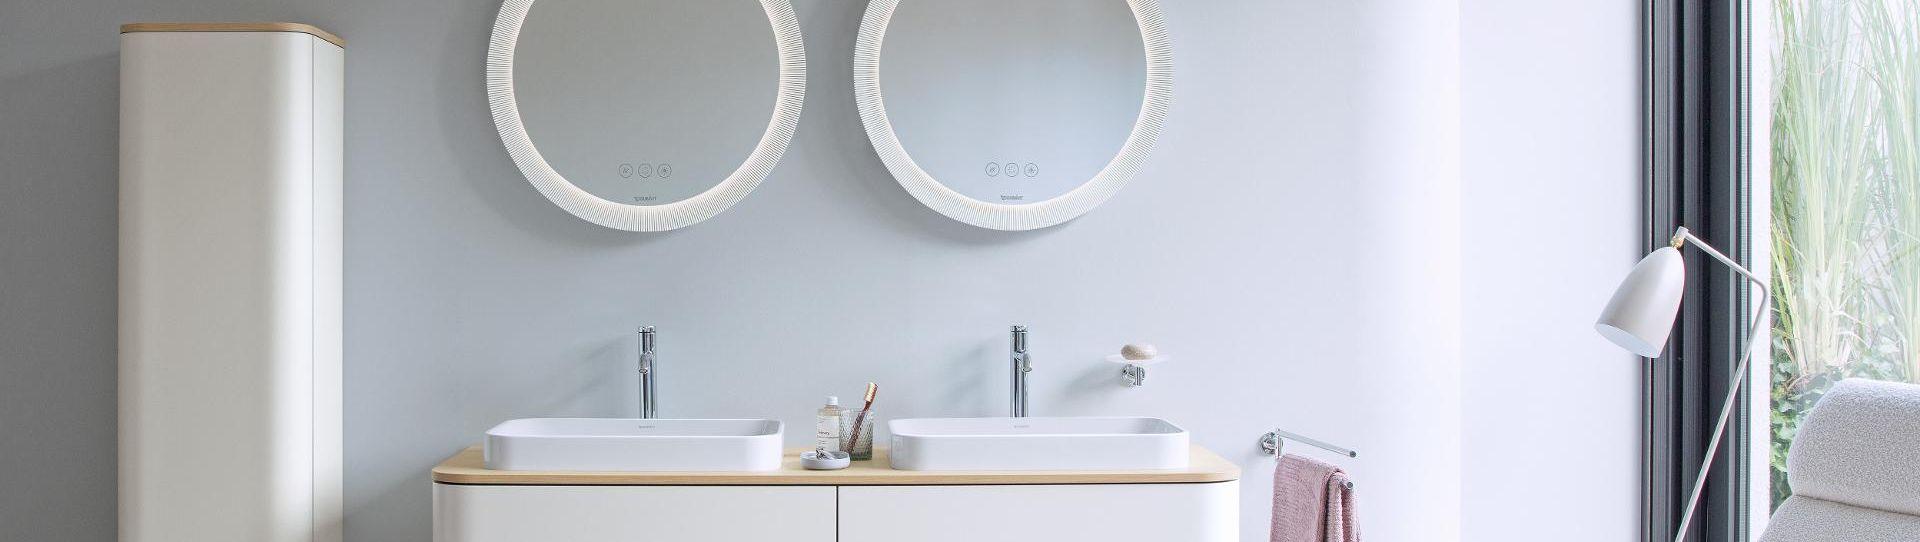 Duravit Badkamermeubel Keramiek Showroom Sanitaireiland